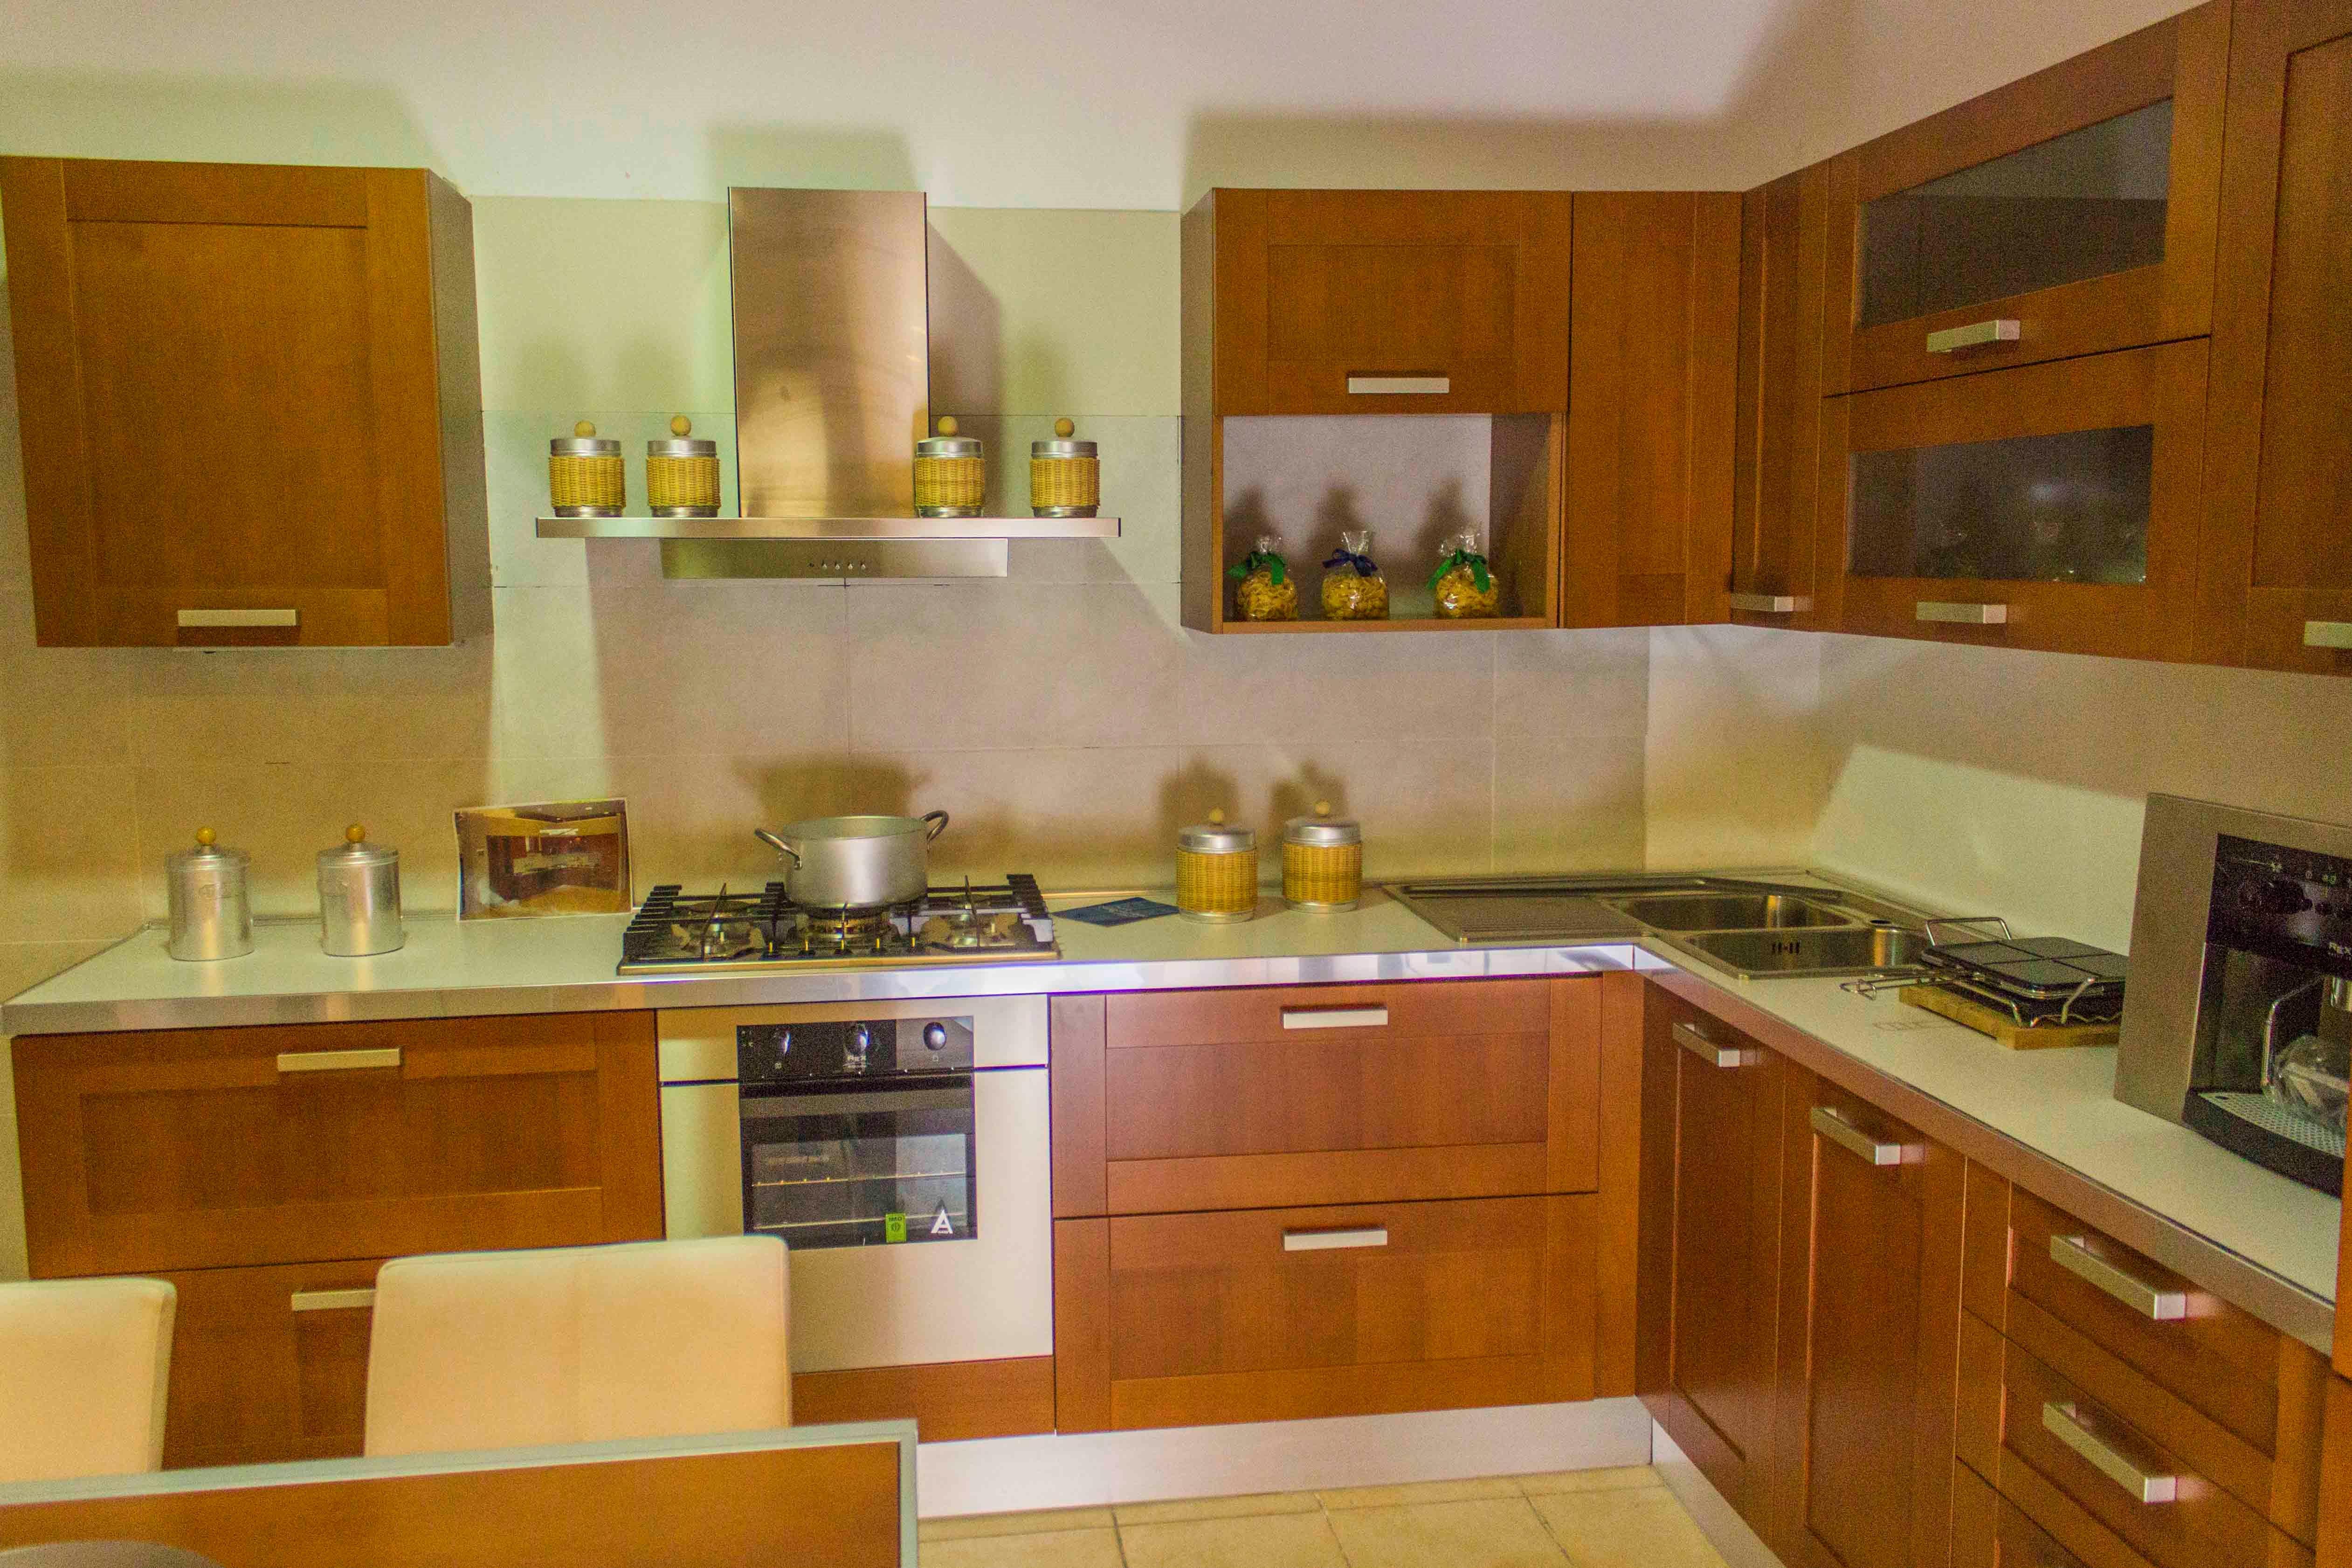 Veneta cucine cucina california colore ciliegio scontato - Cucine in ciliegio moderne ...